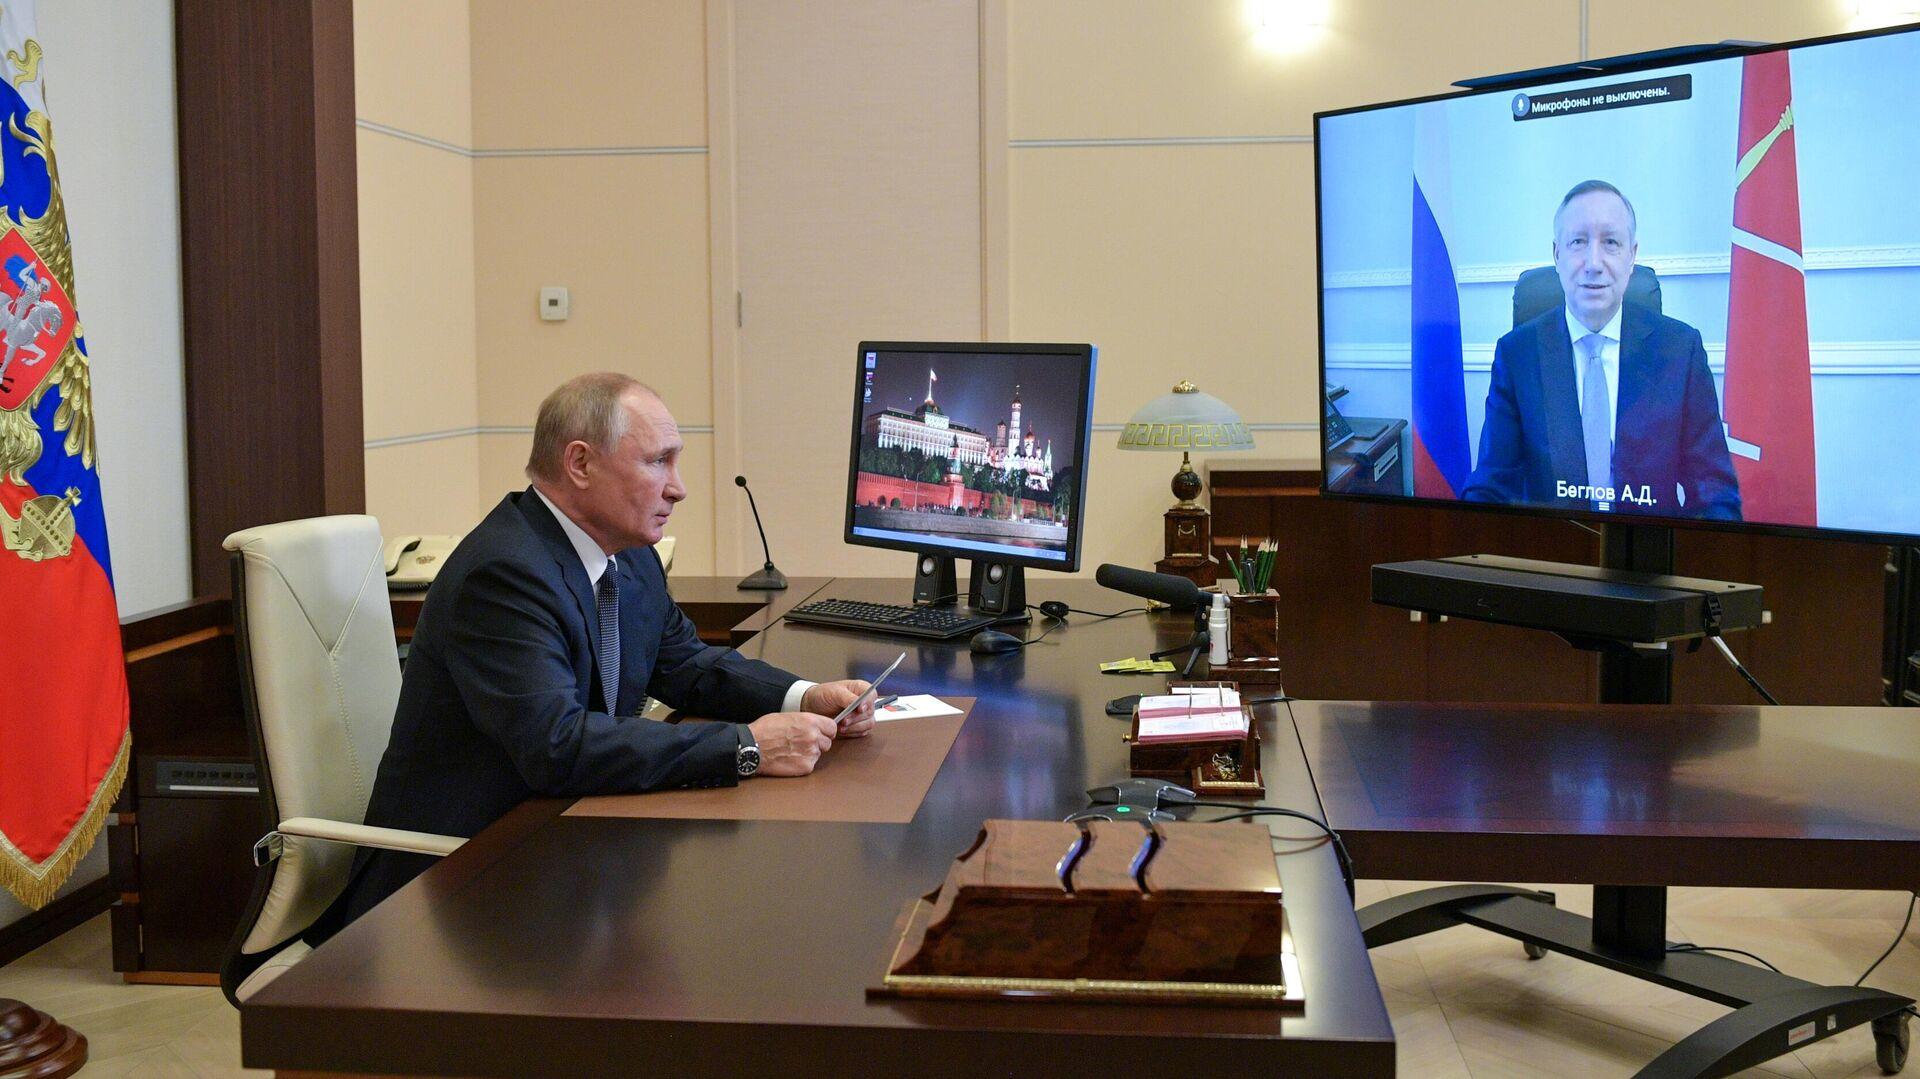 Президент РФ Владимир Путин во время встречи в режиме видеоконференции с губернатором Санкт-Петербурга Александром Бегловым - РИА Новости, 1920, 17.09.2021